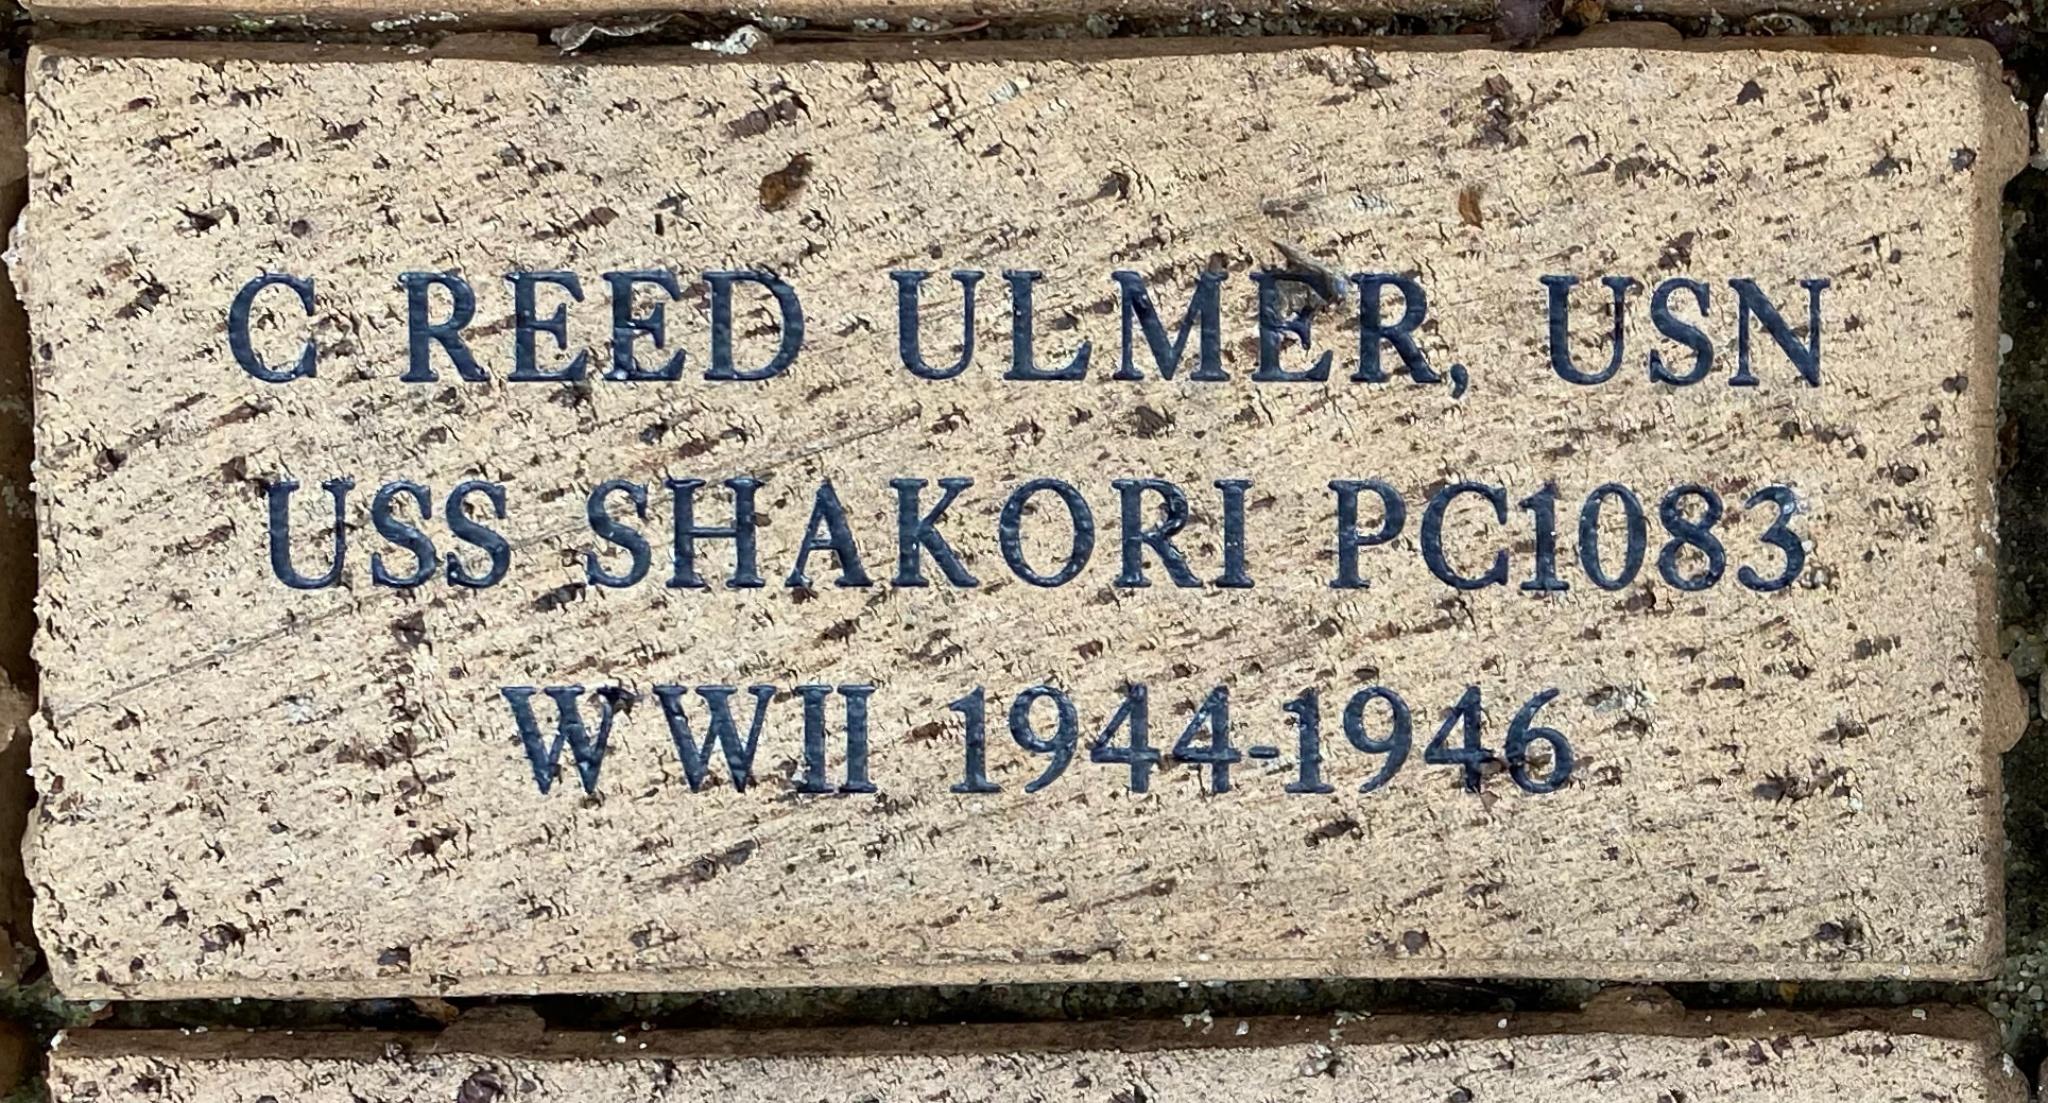 C. REED ULMER, USN USS SHAKORI PC1083 WWII 1944-1946